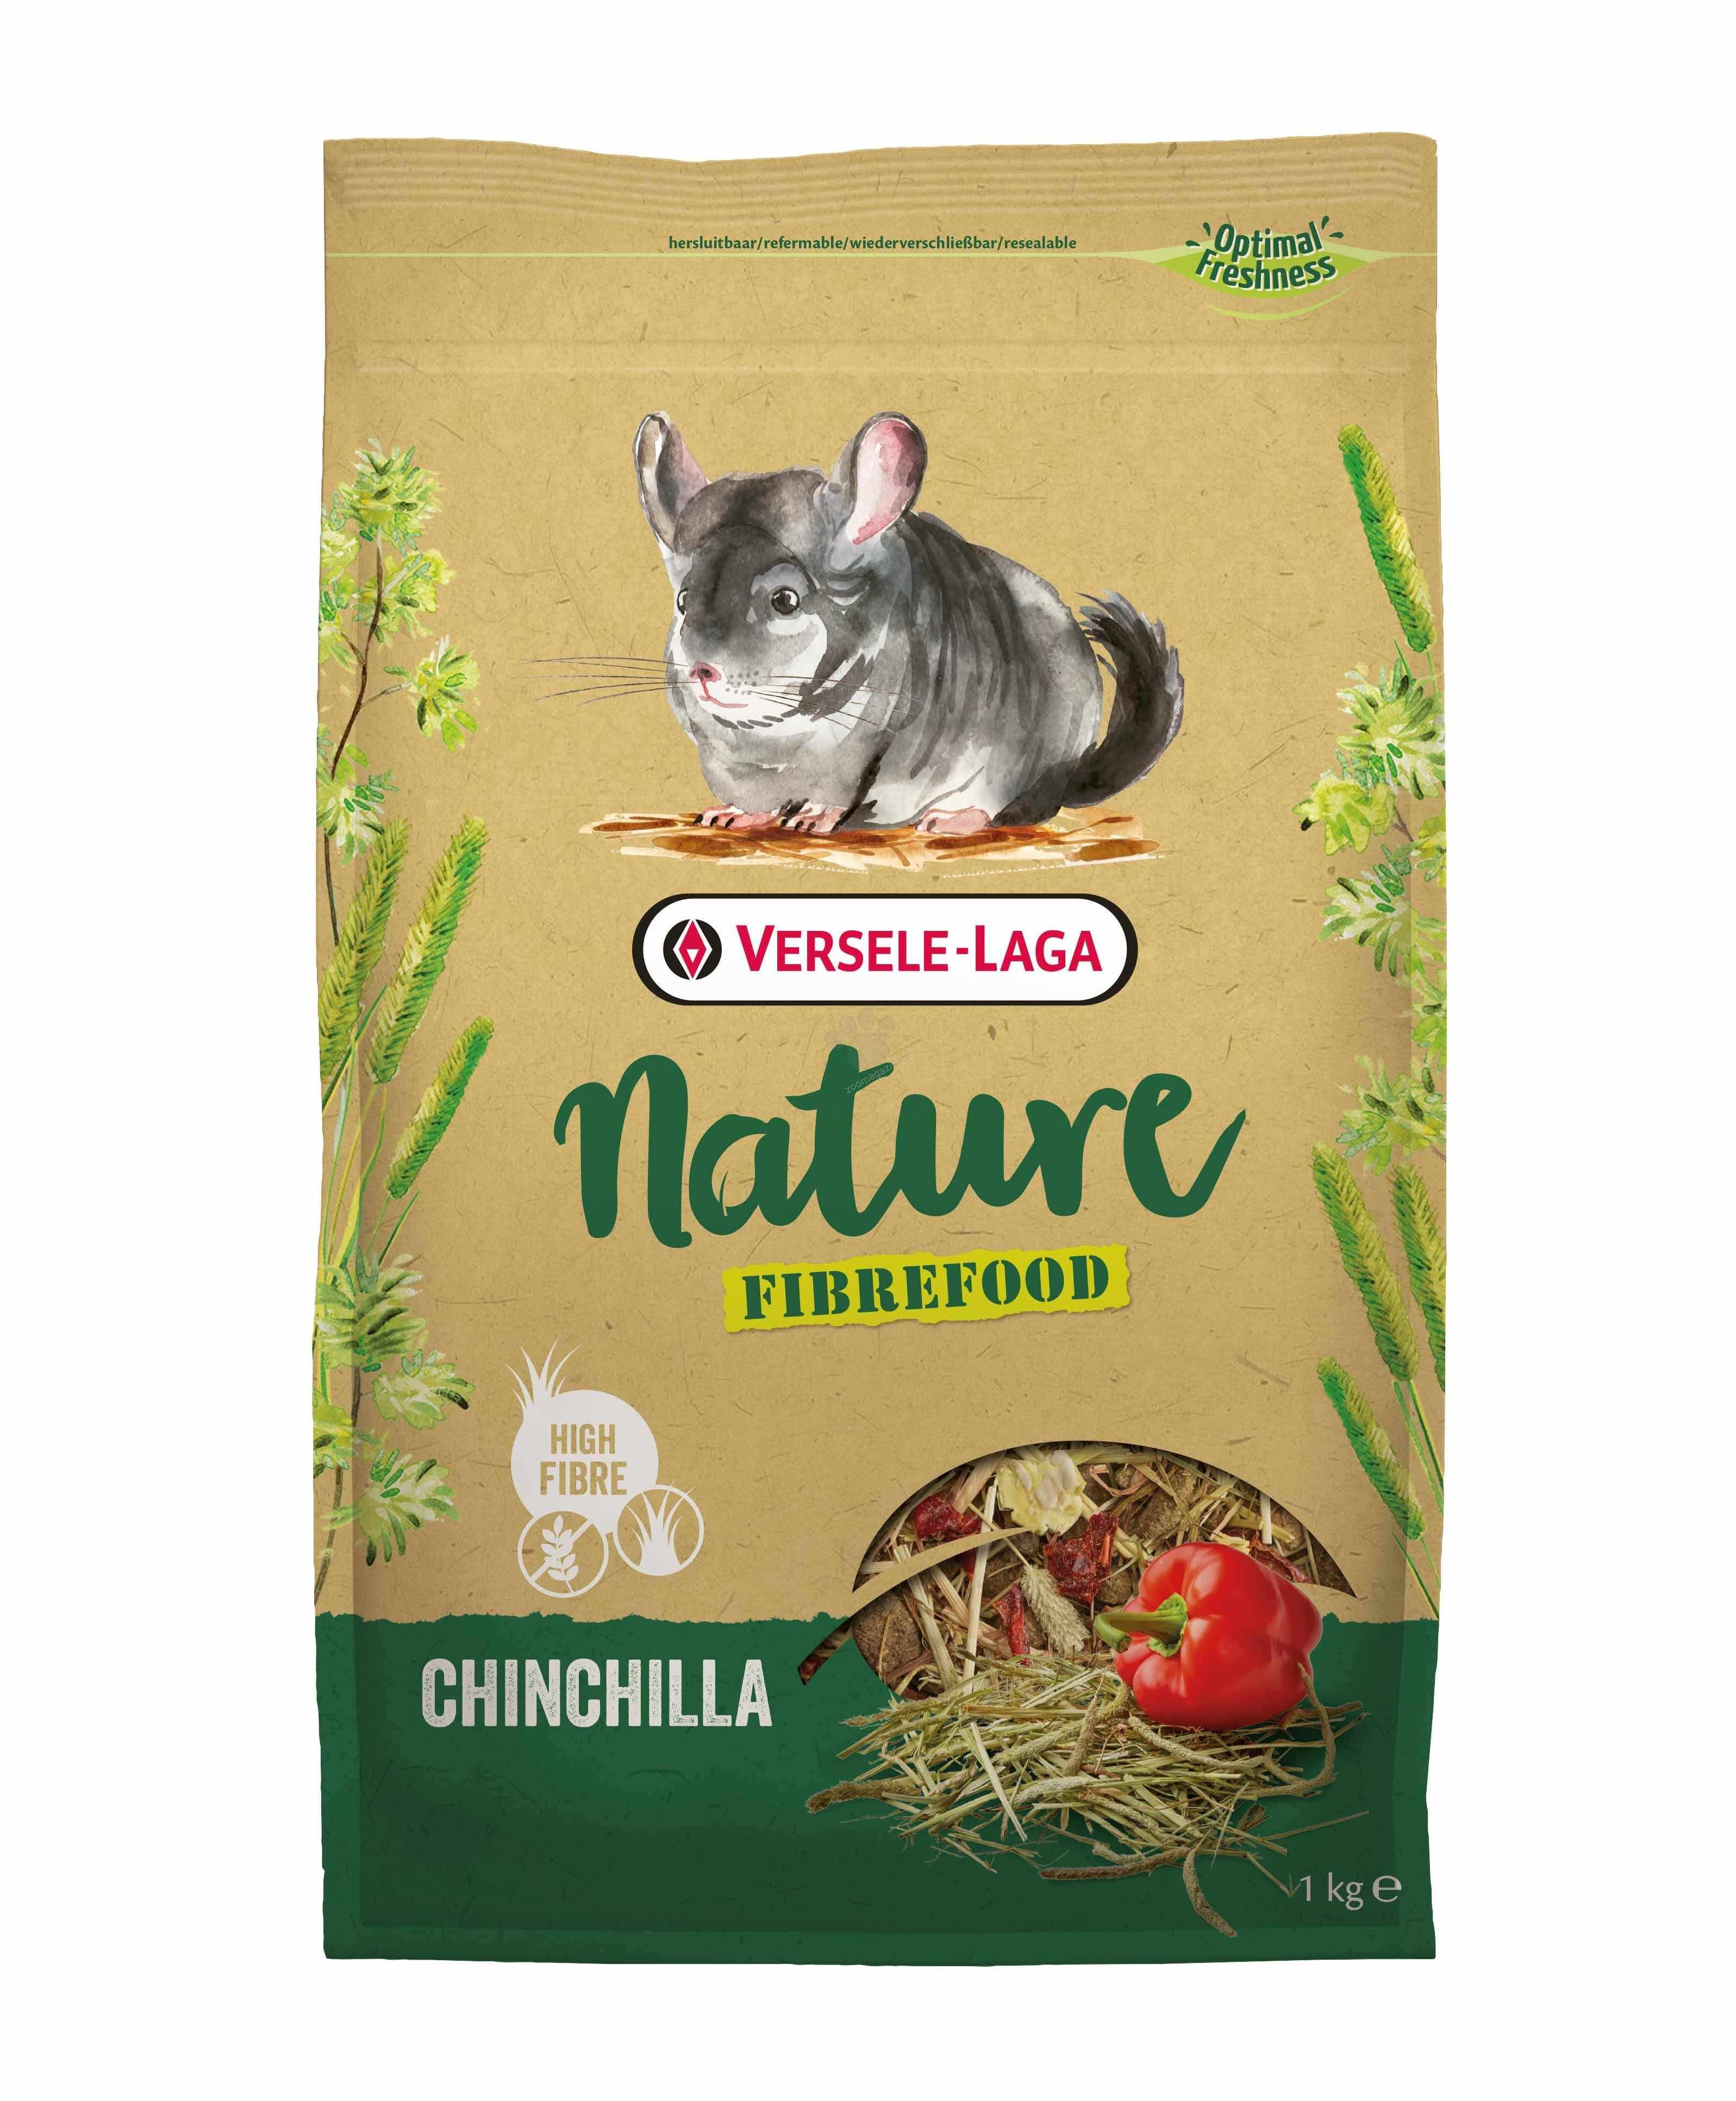 Versele Laga - Fibrefood Chinchilla - пълноценна храна за чинчили - възрастни, капризни и живеещи у дома 1 кг.